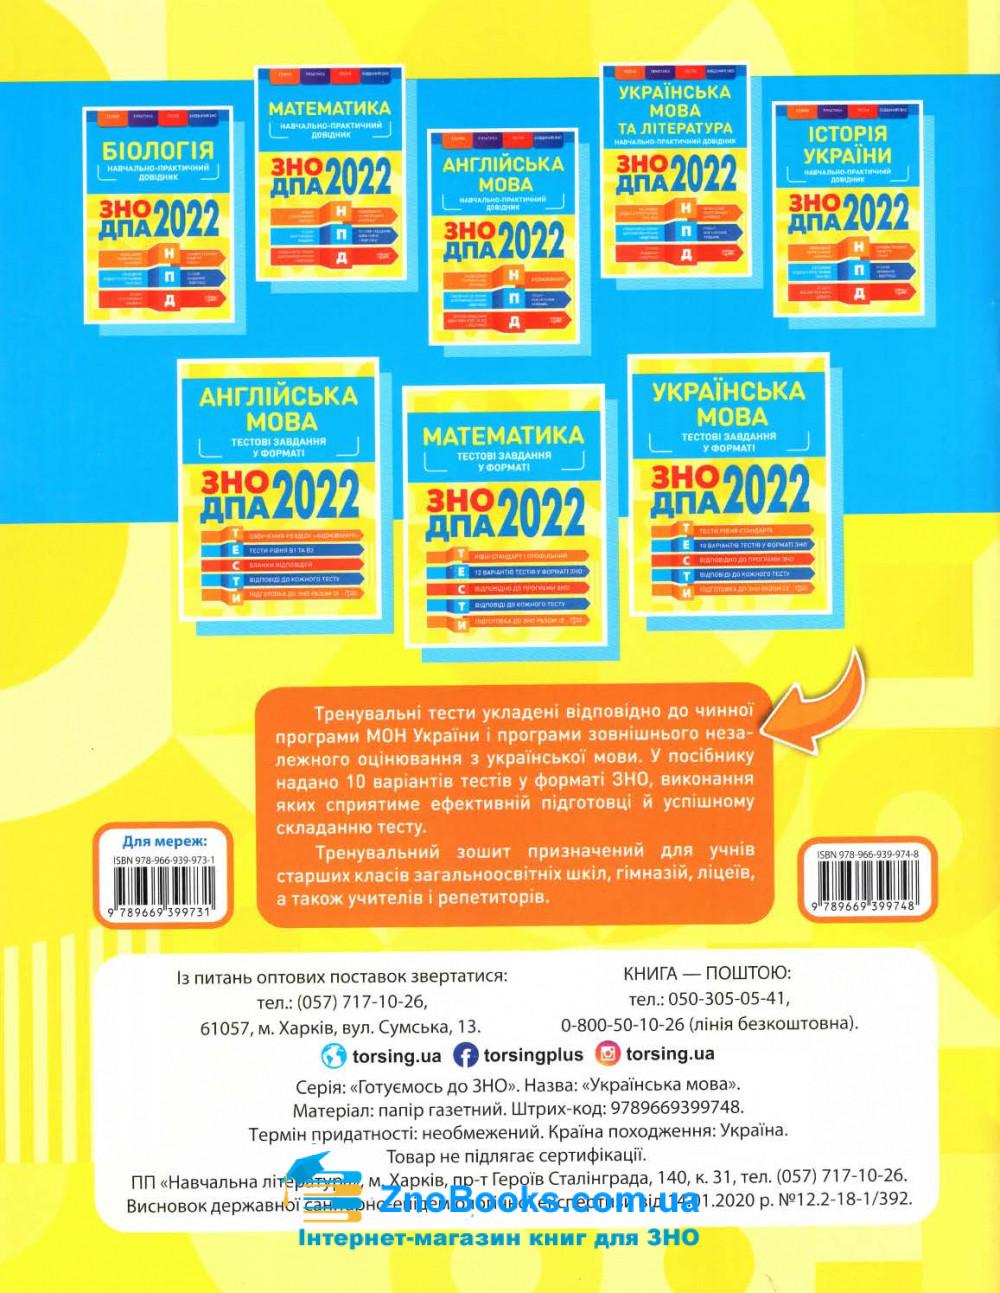 Тестові завдання у форматі ЗНО 2022 з Української мови : Воскресенська Ю., Яковлева Н. Торсінг 9